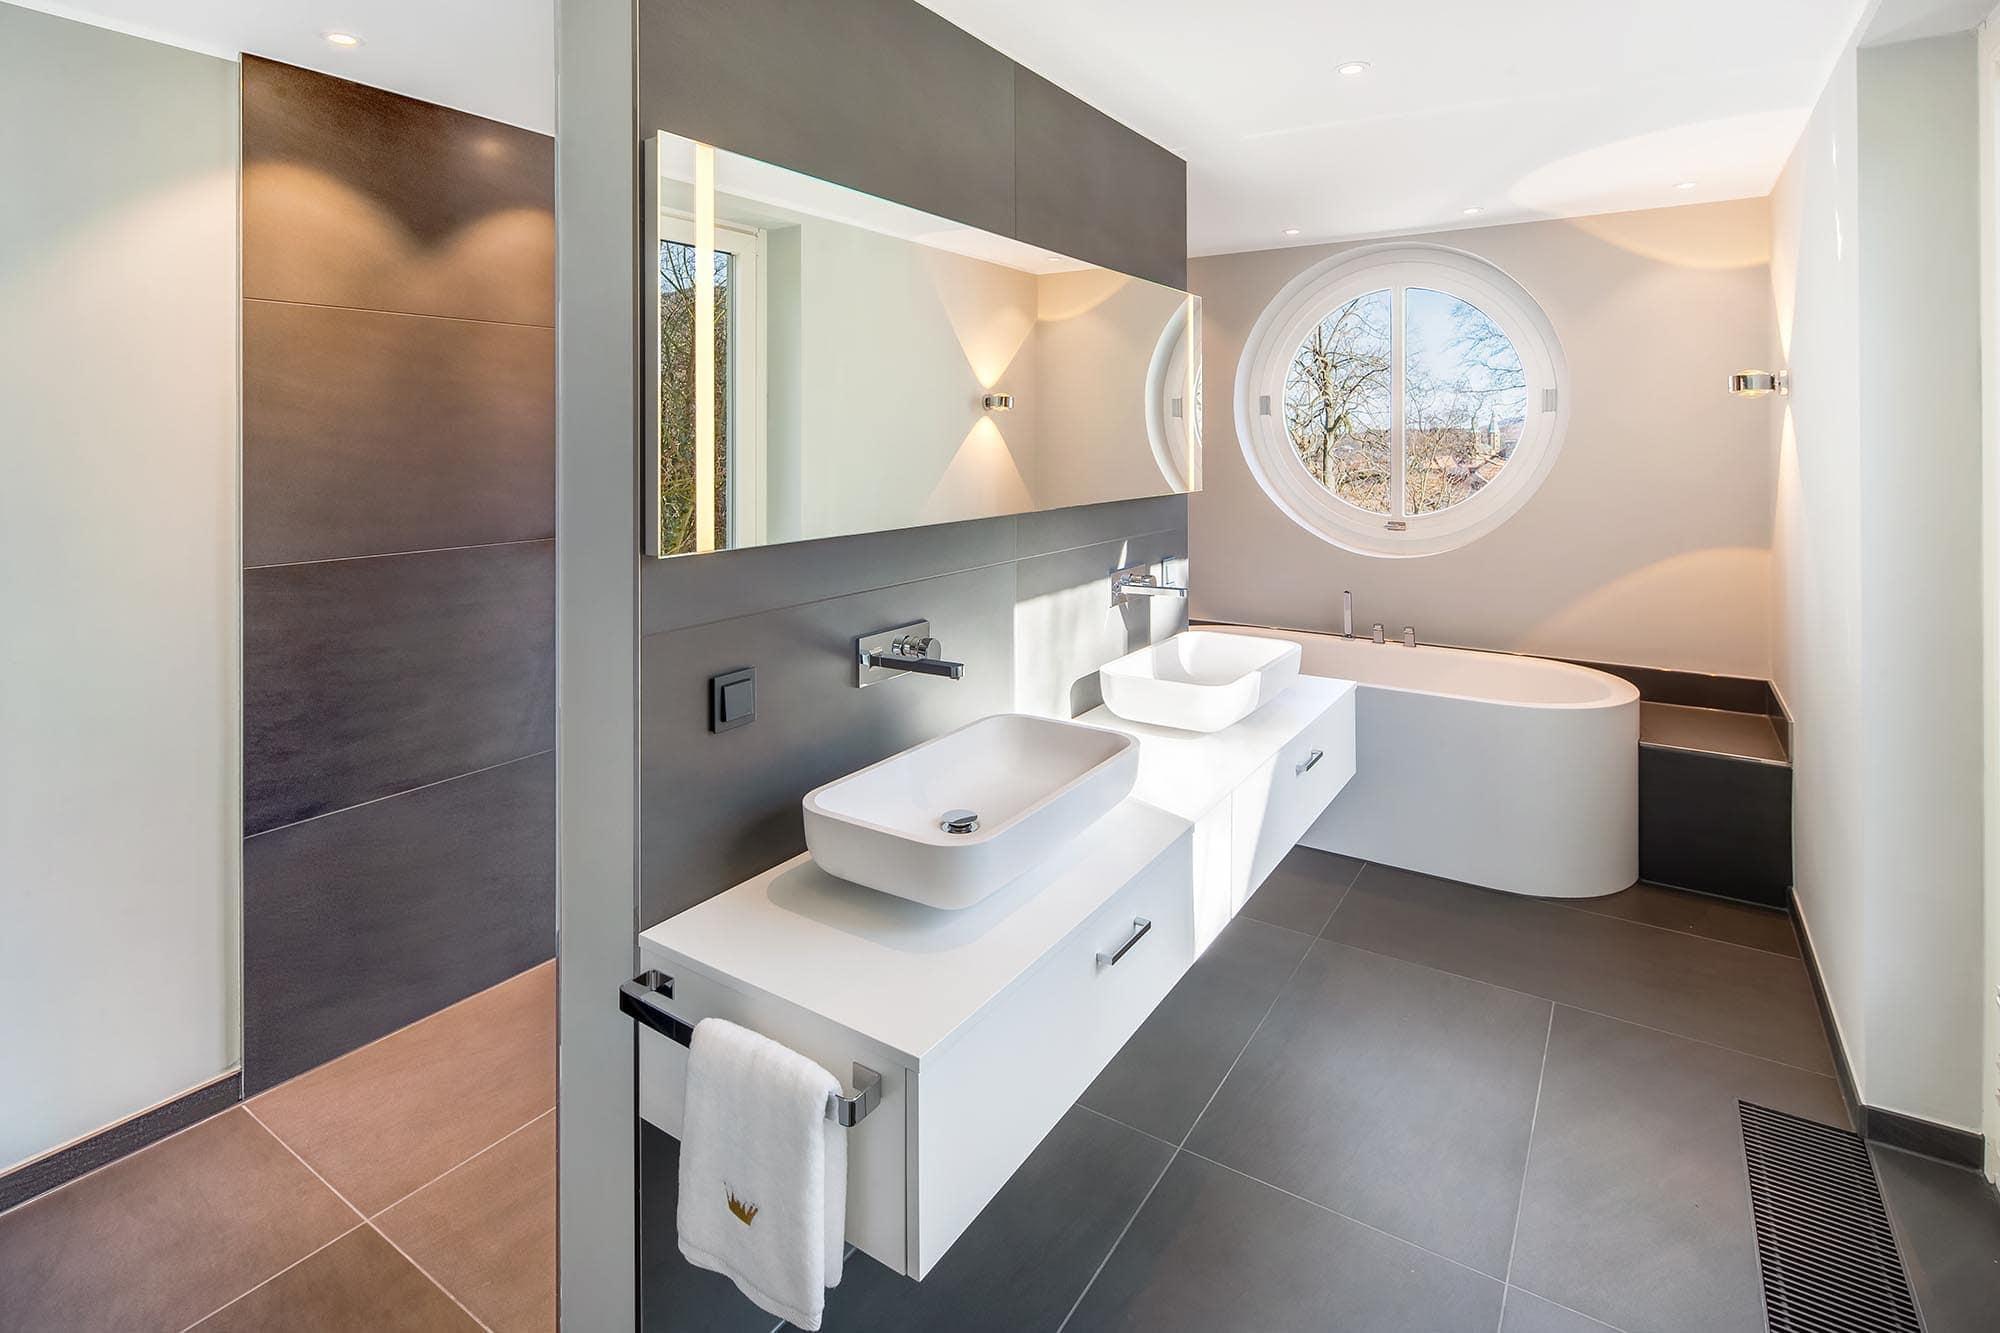 interieur fotografie eines designer bades im hdr verfahren